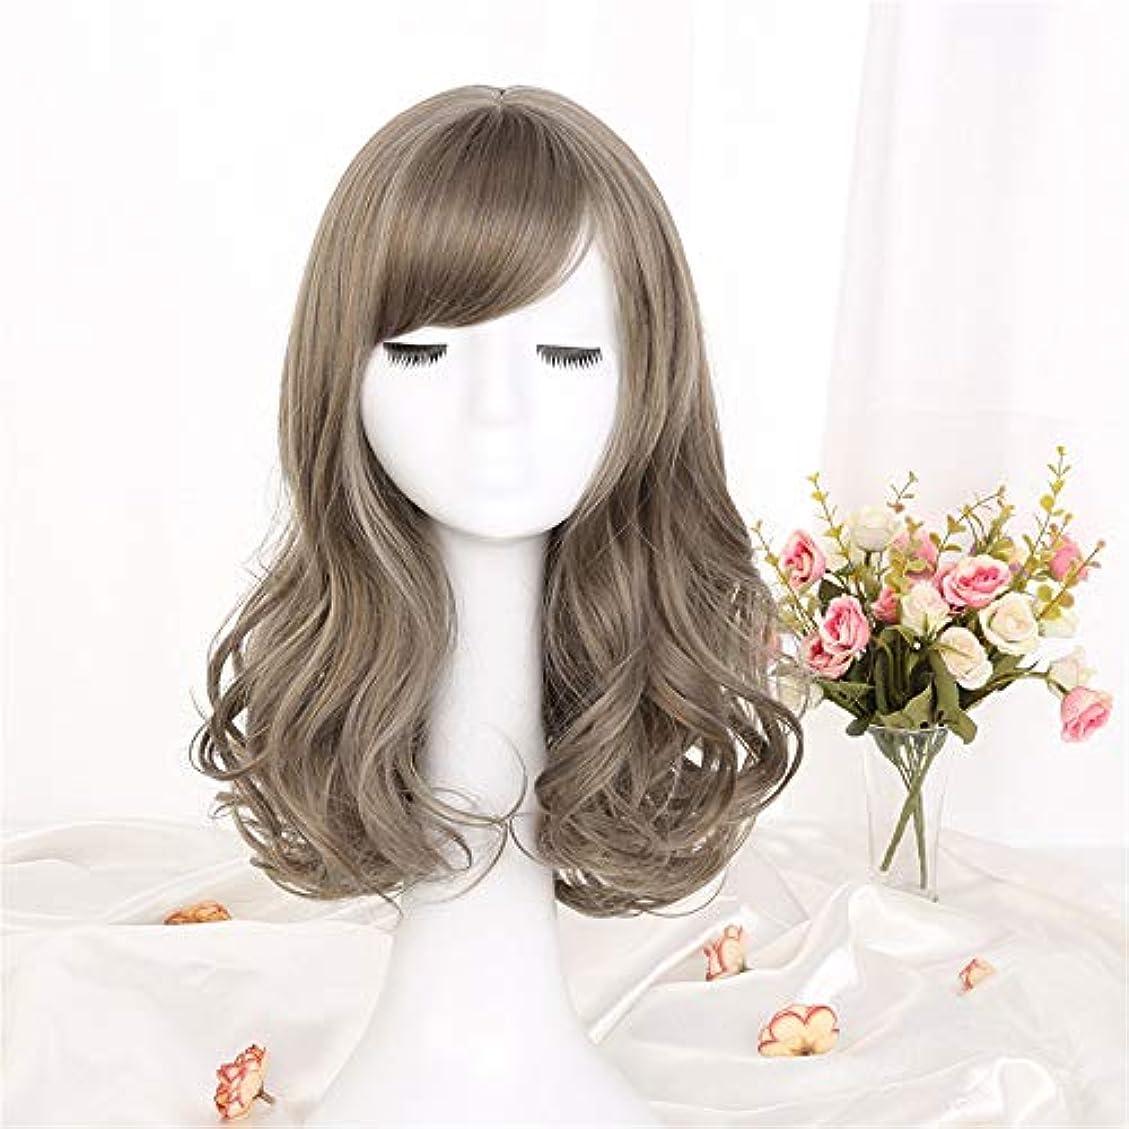 ライセンス直接ヒープウィッグ髪化学繊維フードミディアム長波高温合成繊維ウィッグ女性用ウィッググリーンウッドリネンアッシュ42cm